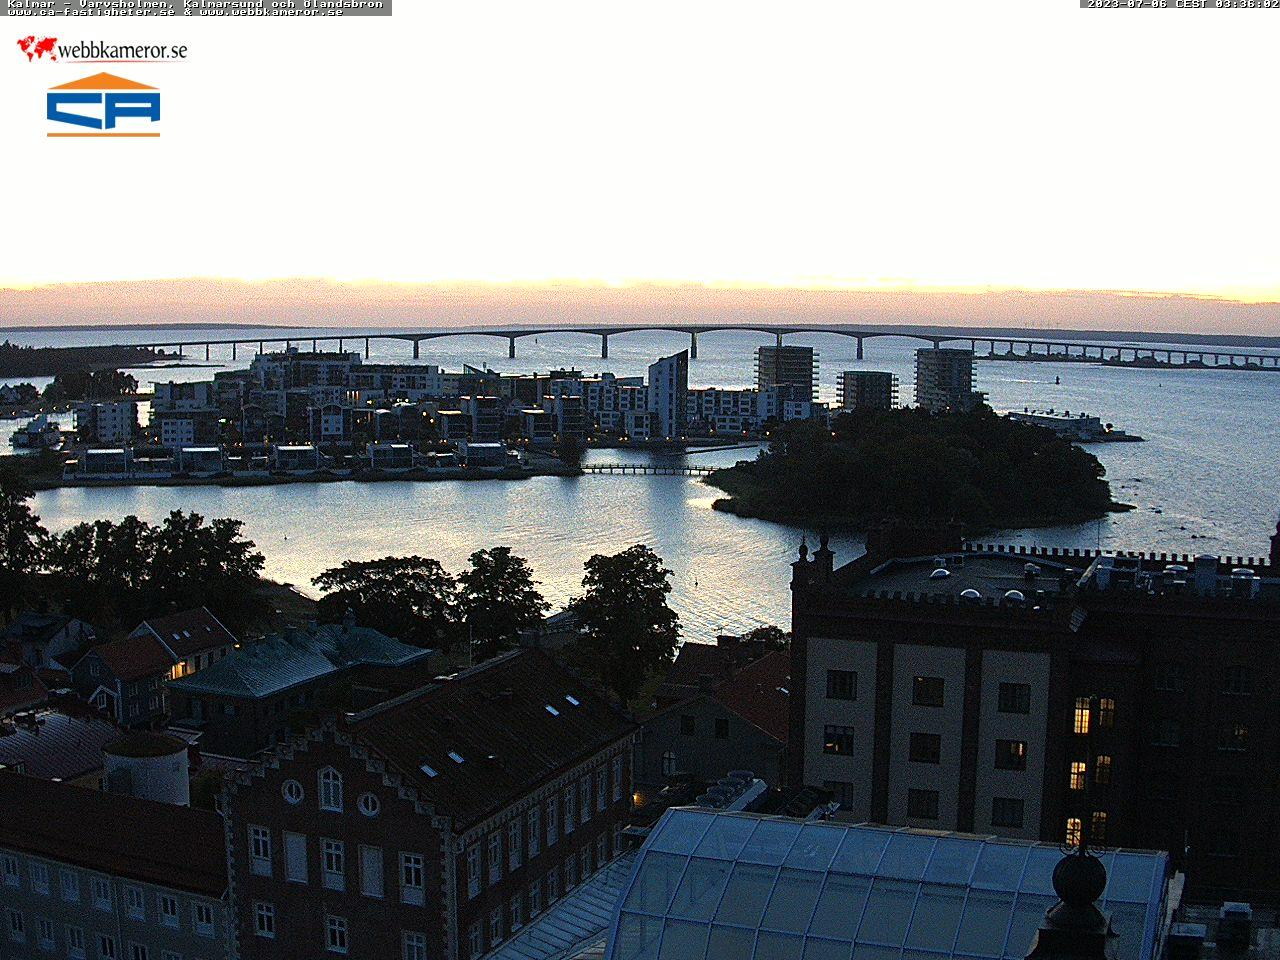 Webbkamera - Kalmar, Ölandsbron, Varvsholmen